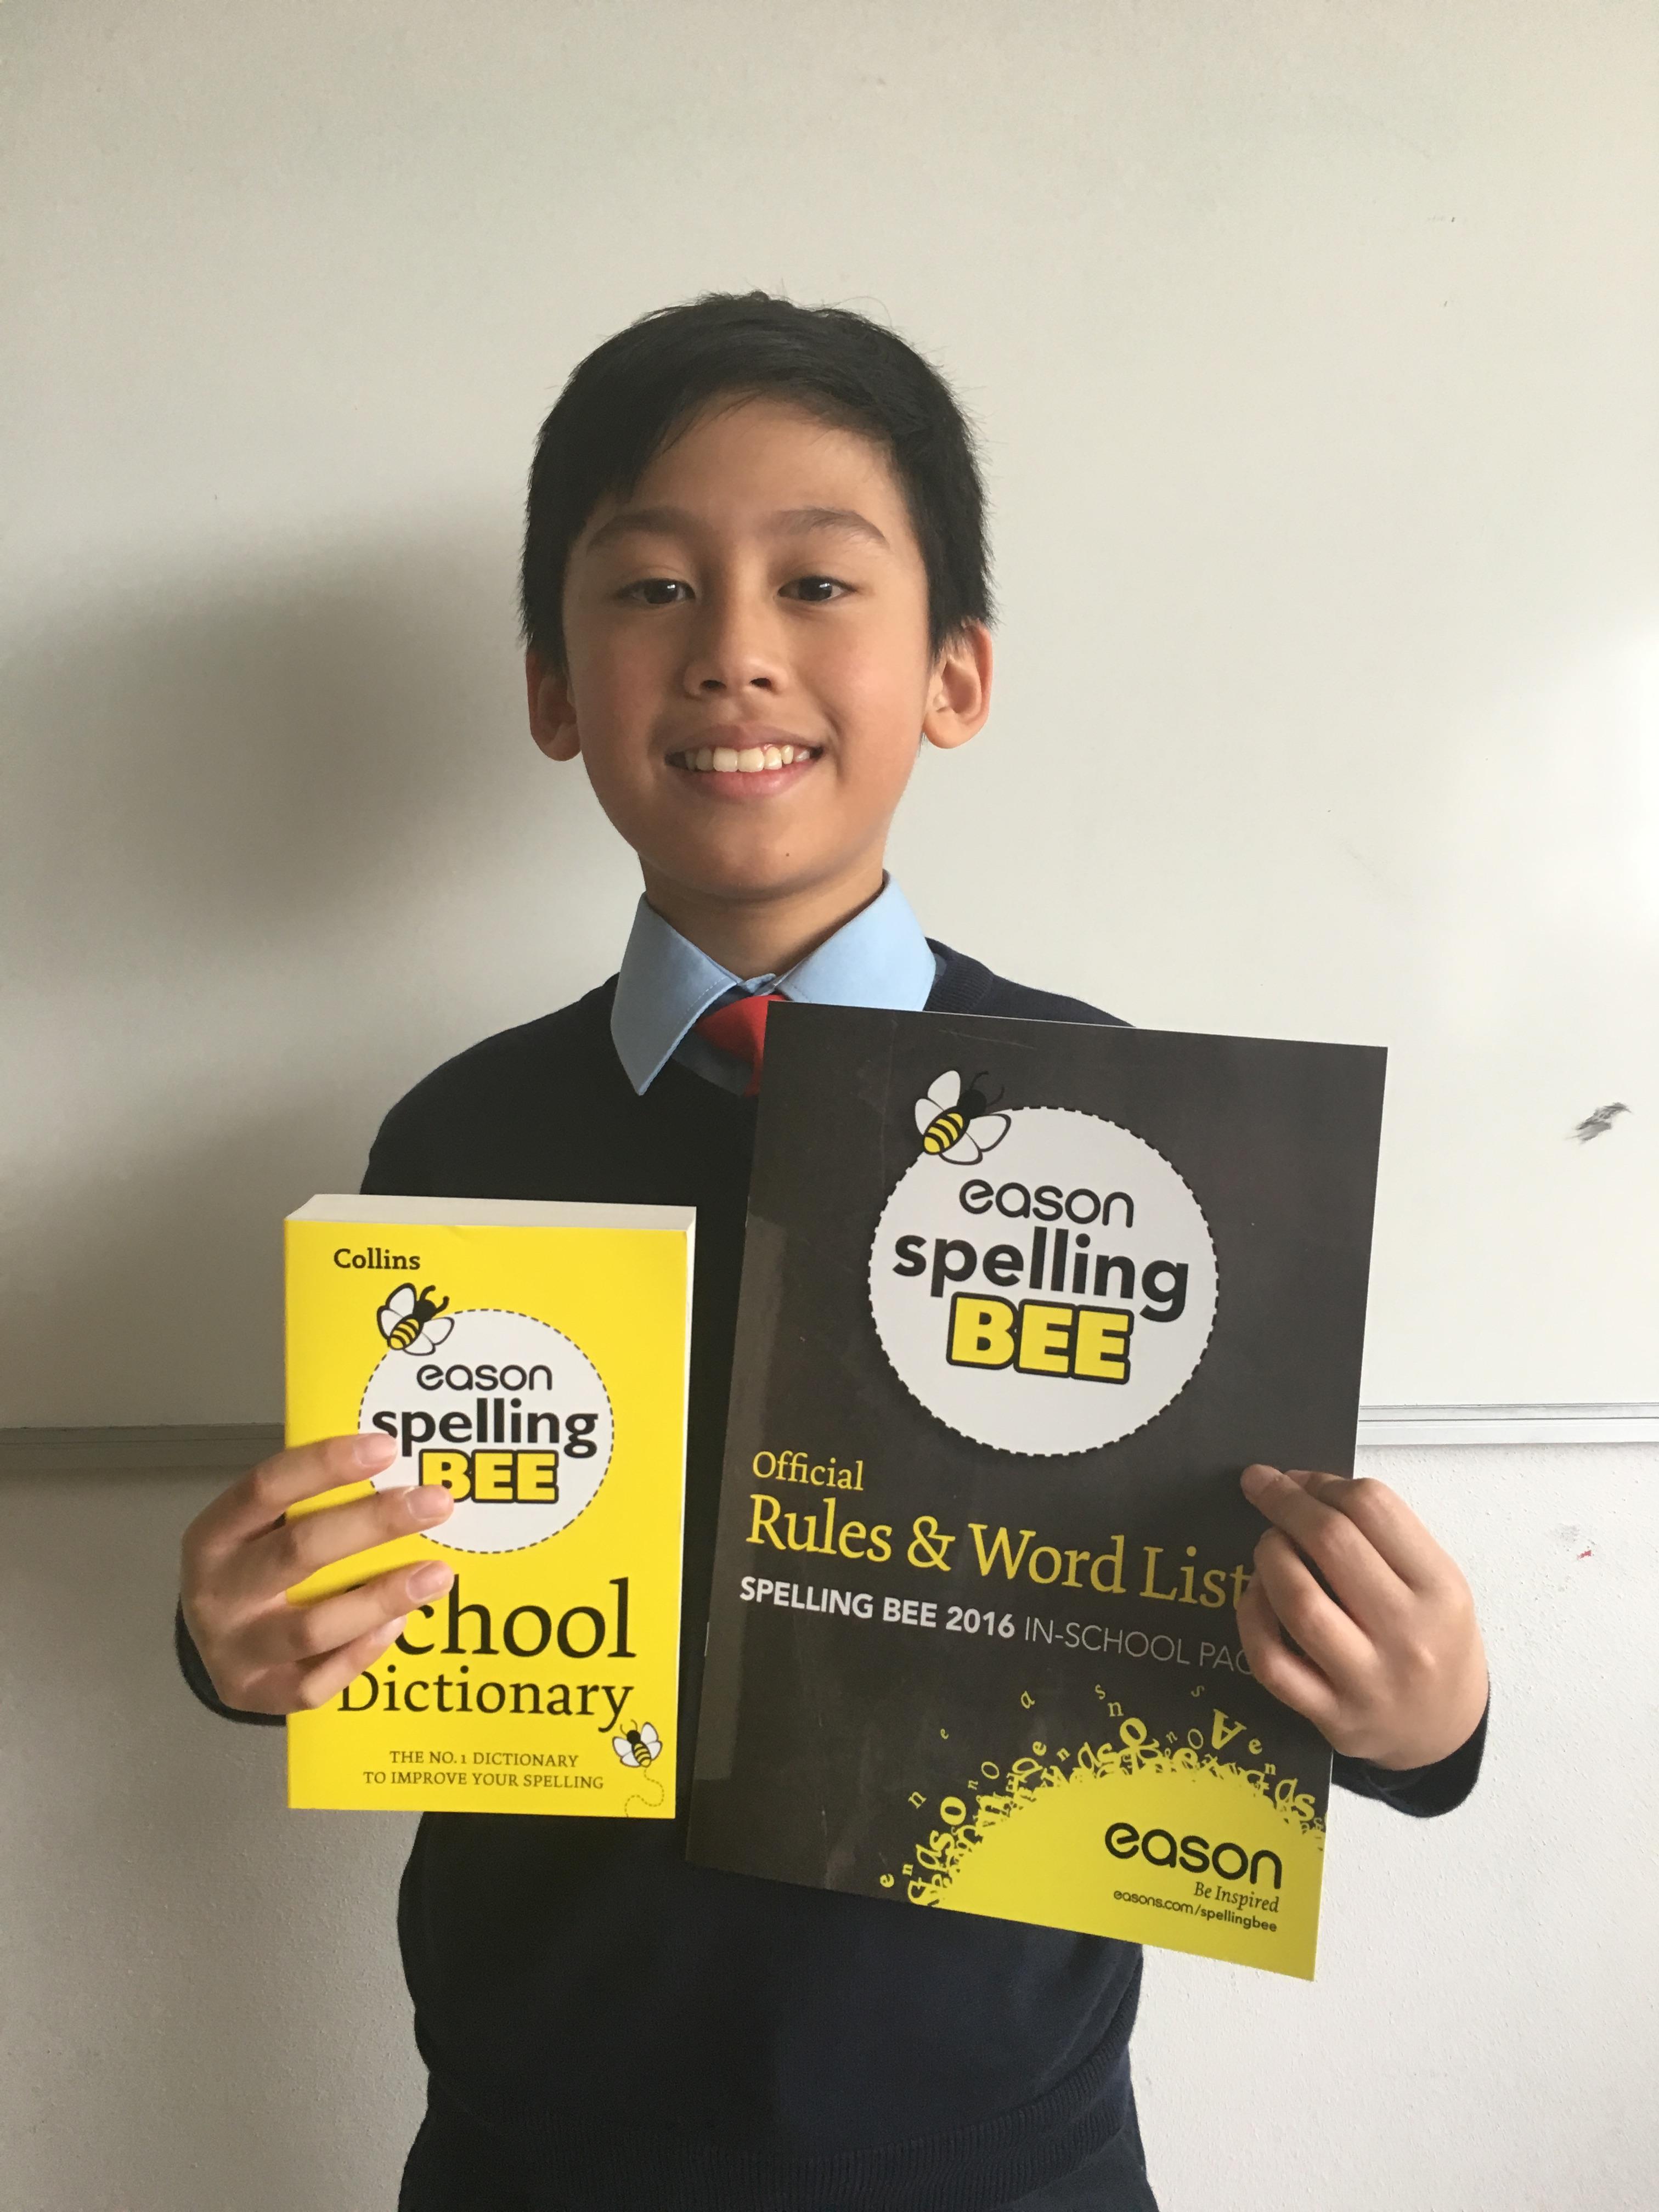 Eason Spelling Bee